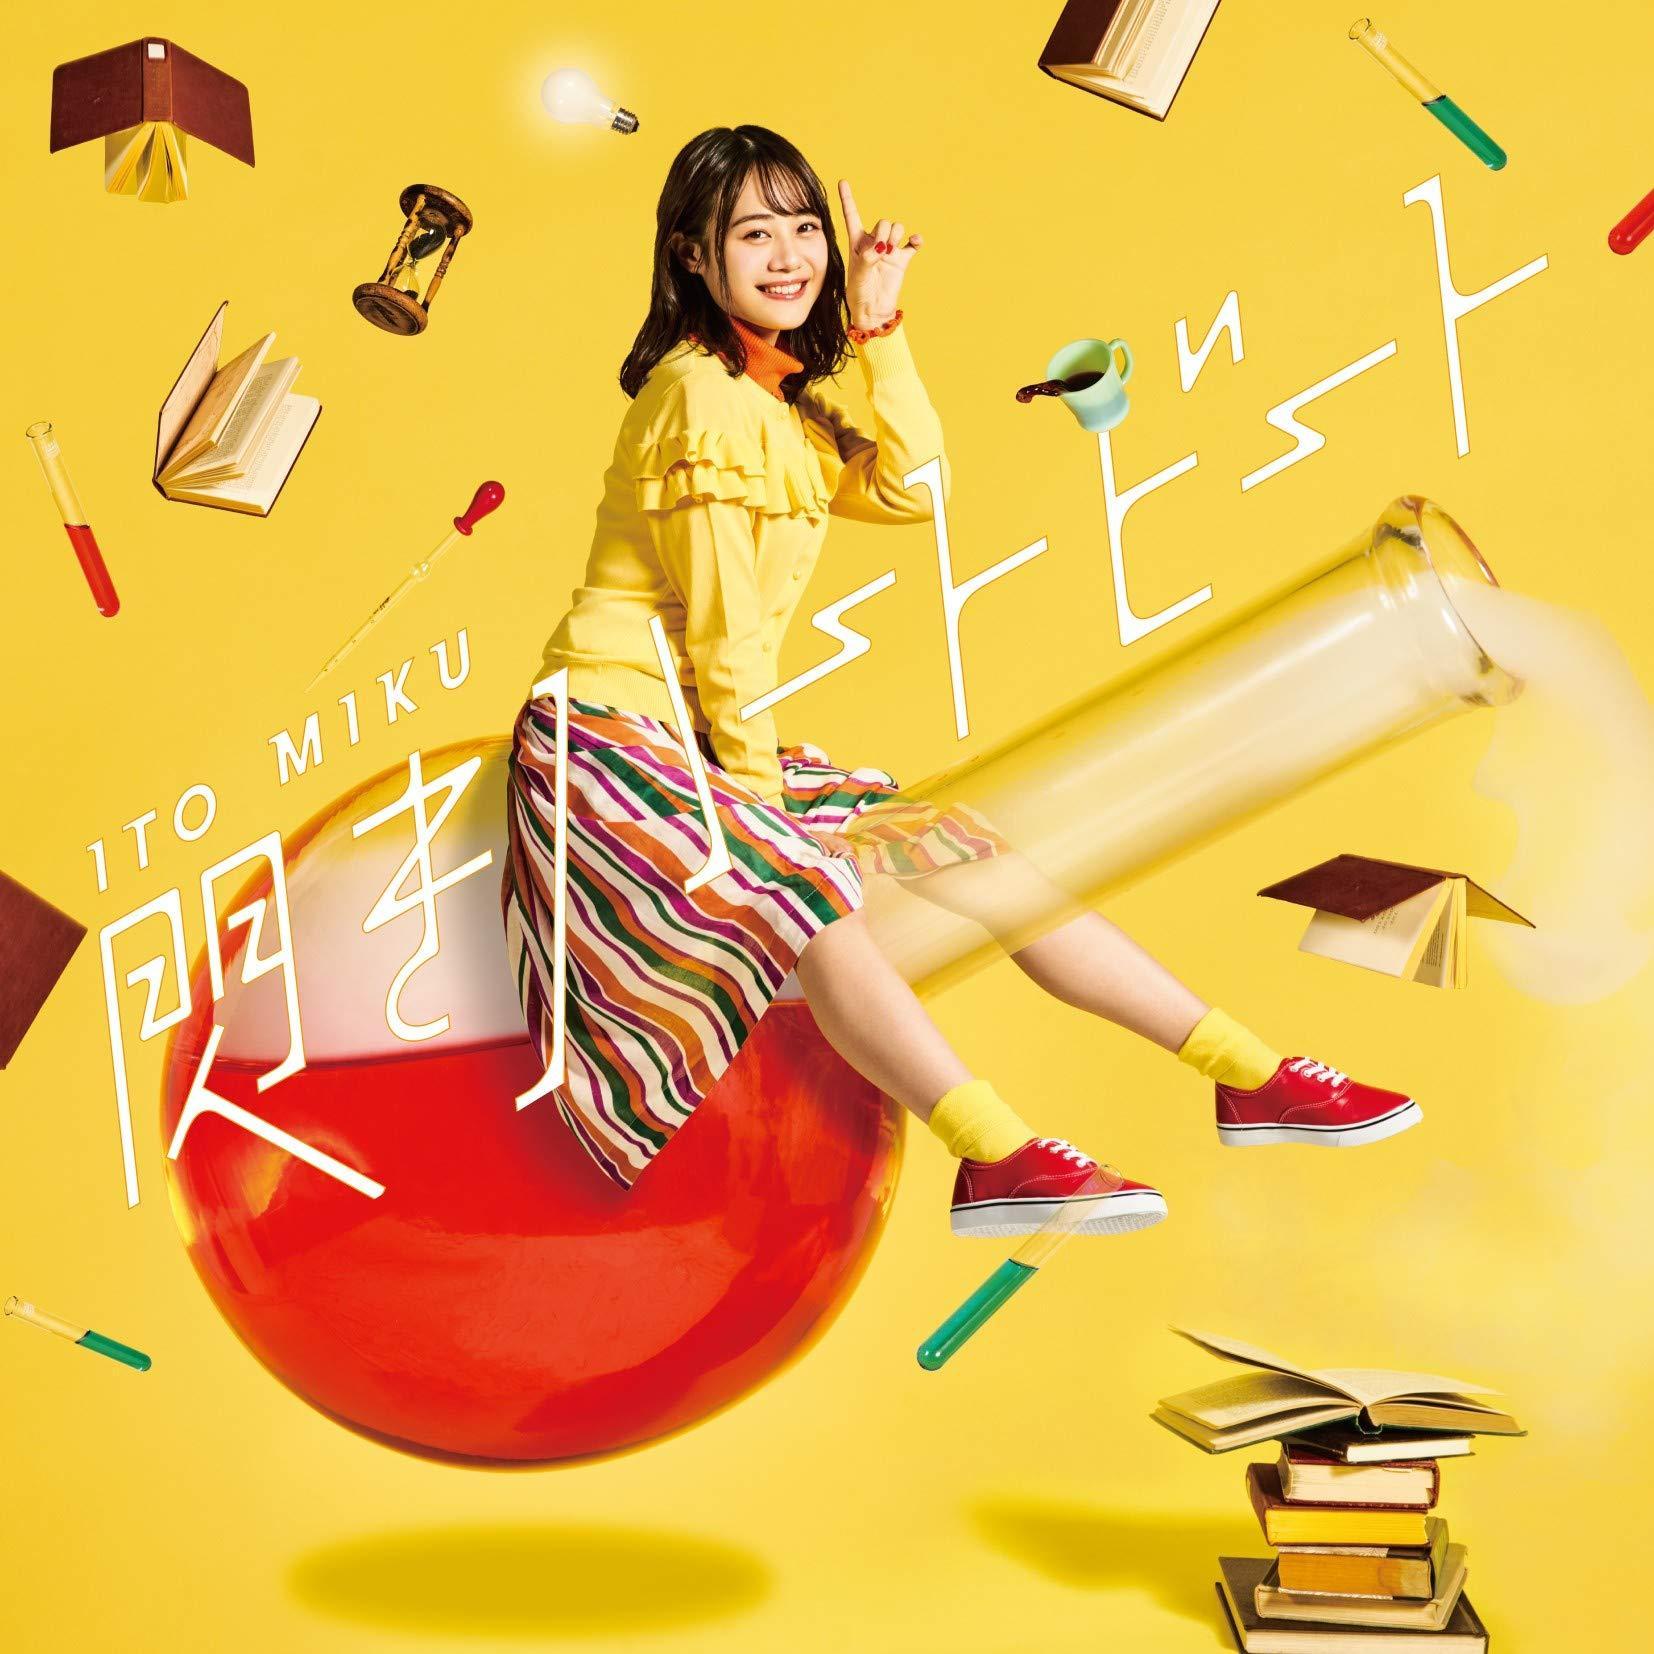 伊藤美来は声優としての殻を破れるか。ミルキィホームズのベストは60曲超!2019/01/16頃発売のアニソンCD新譜